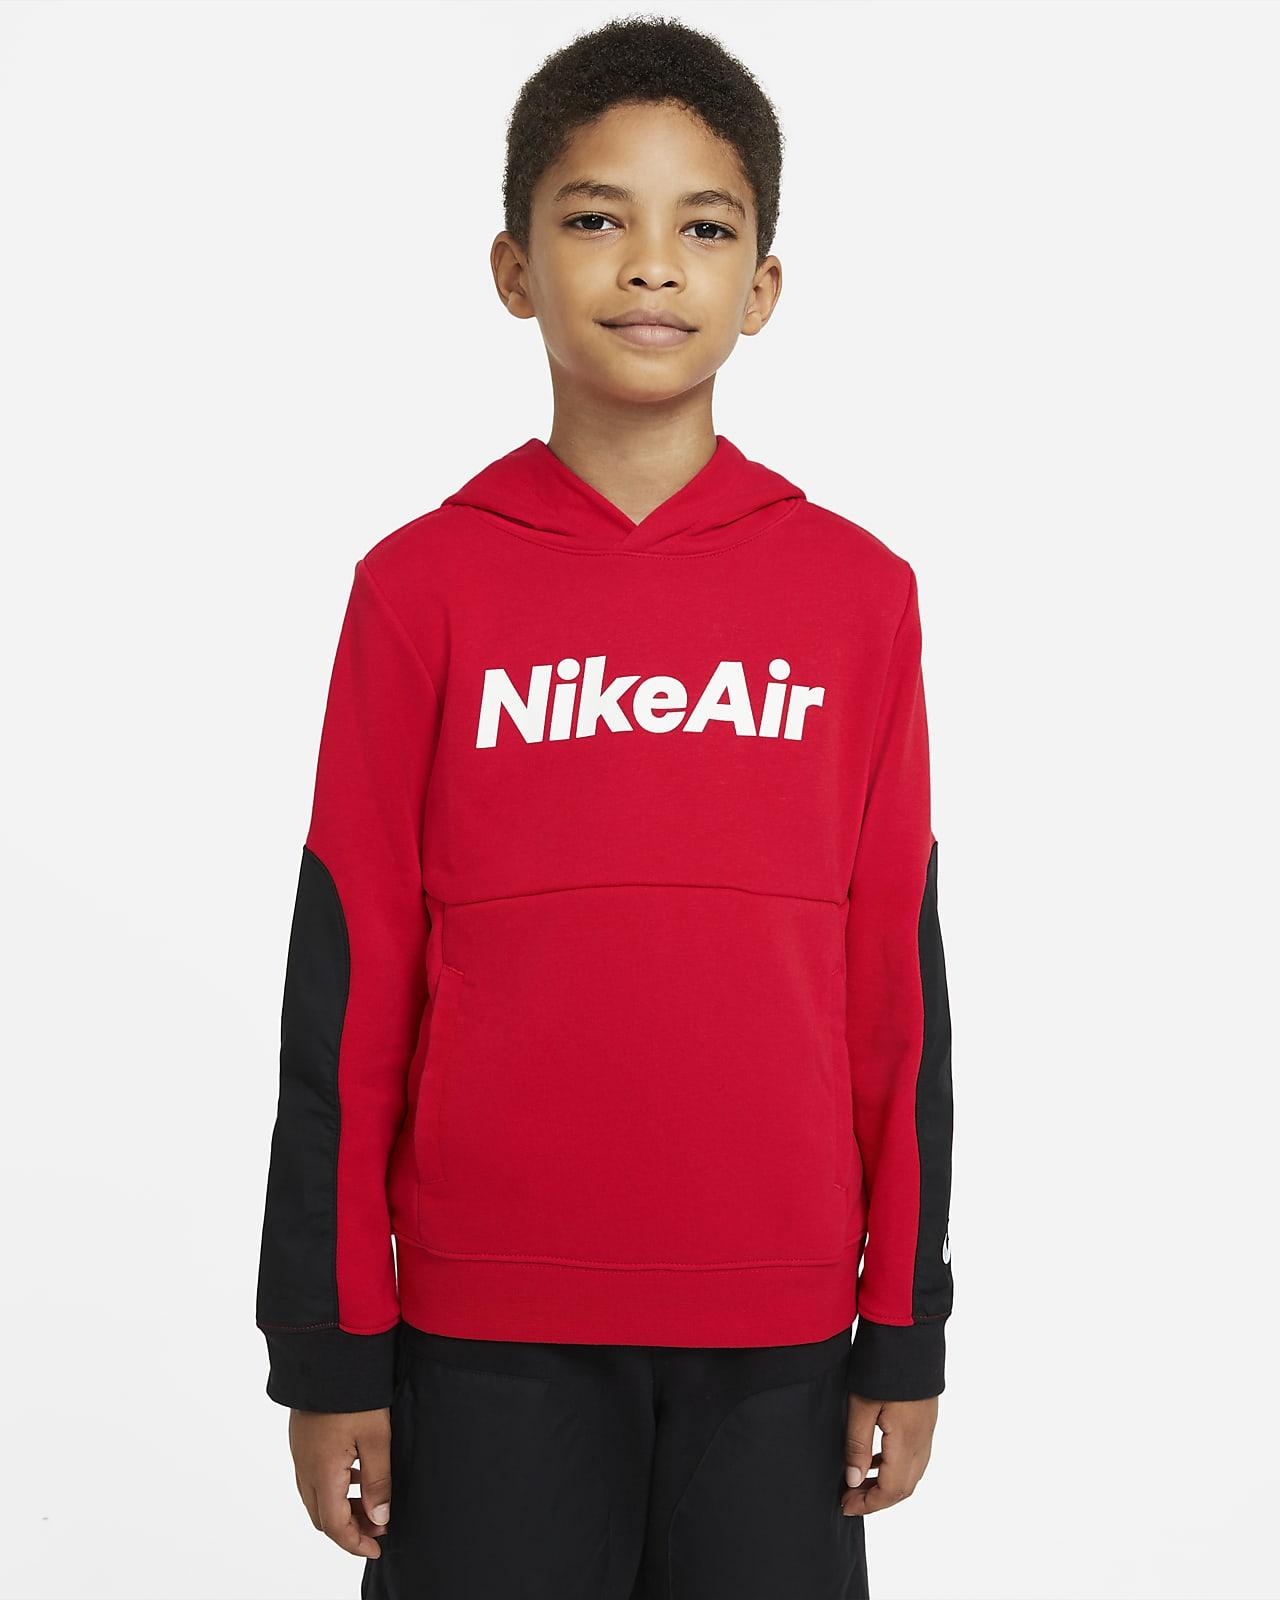 Nike Air-pullover-hættetrøje i french terry til store børn (drenge)